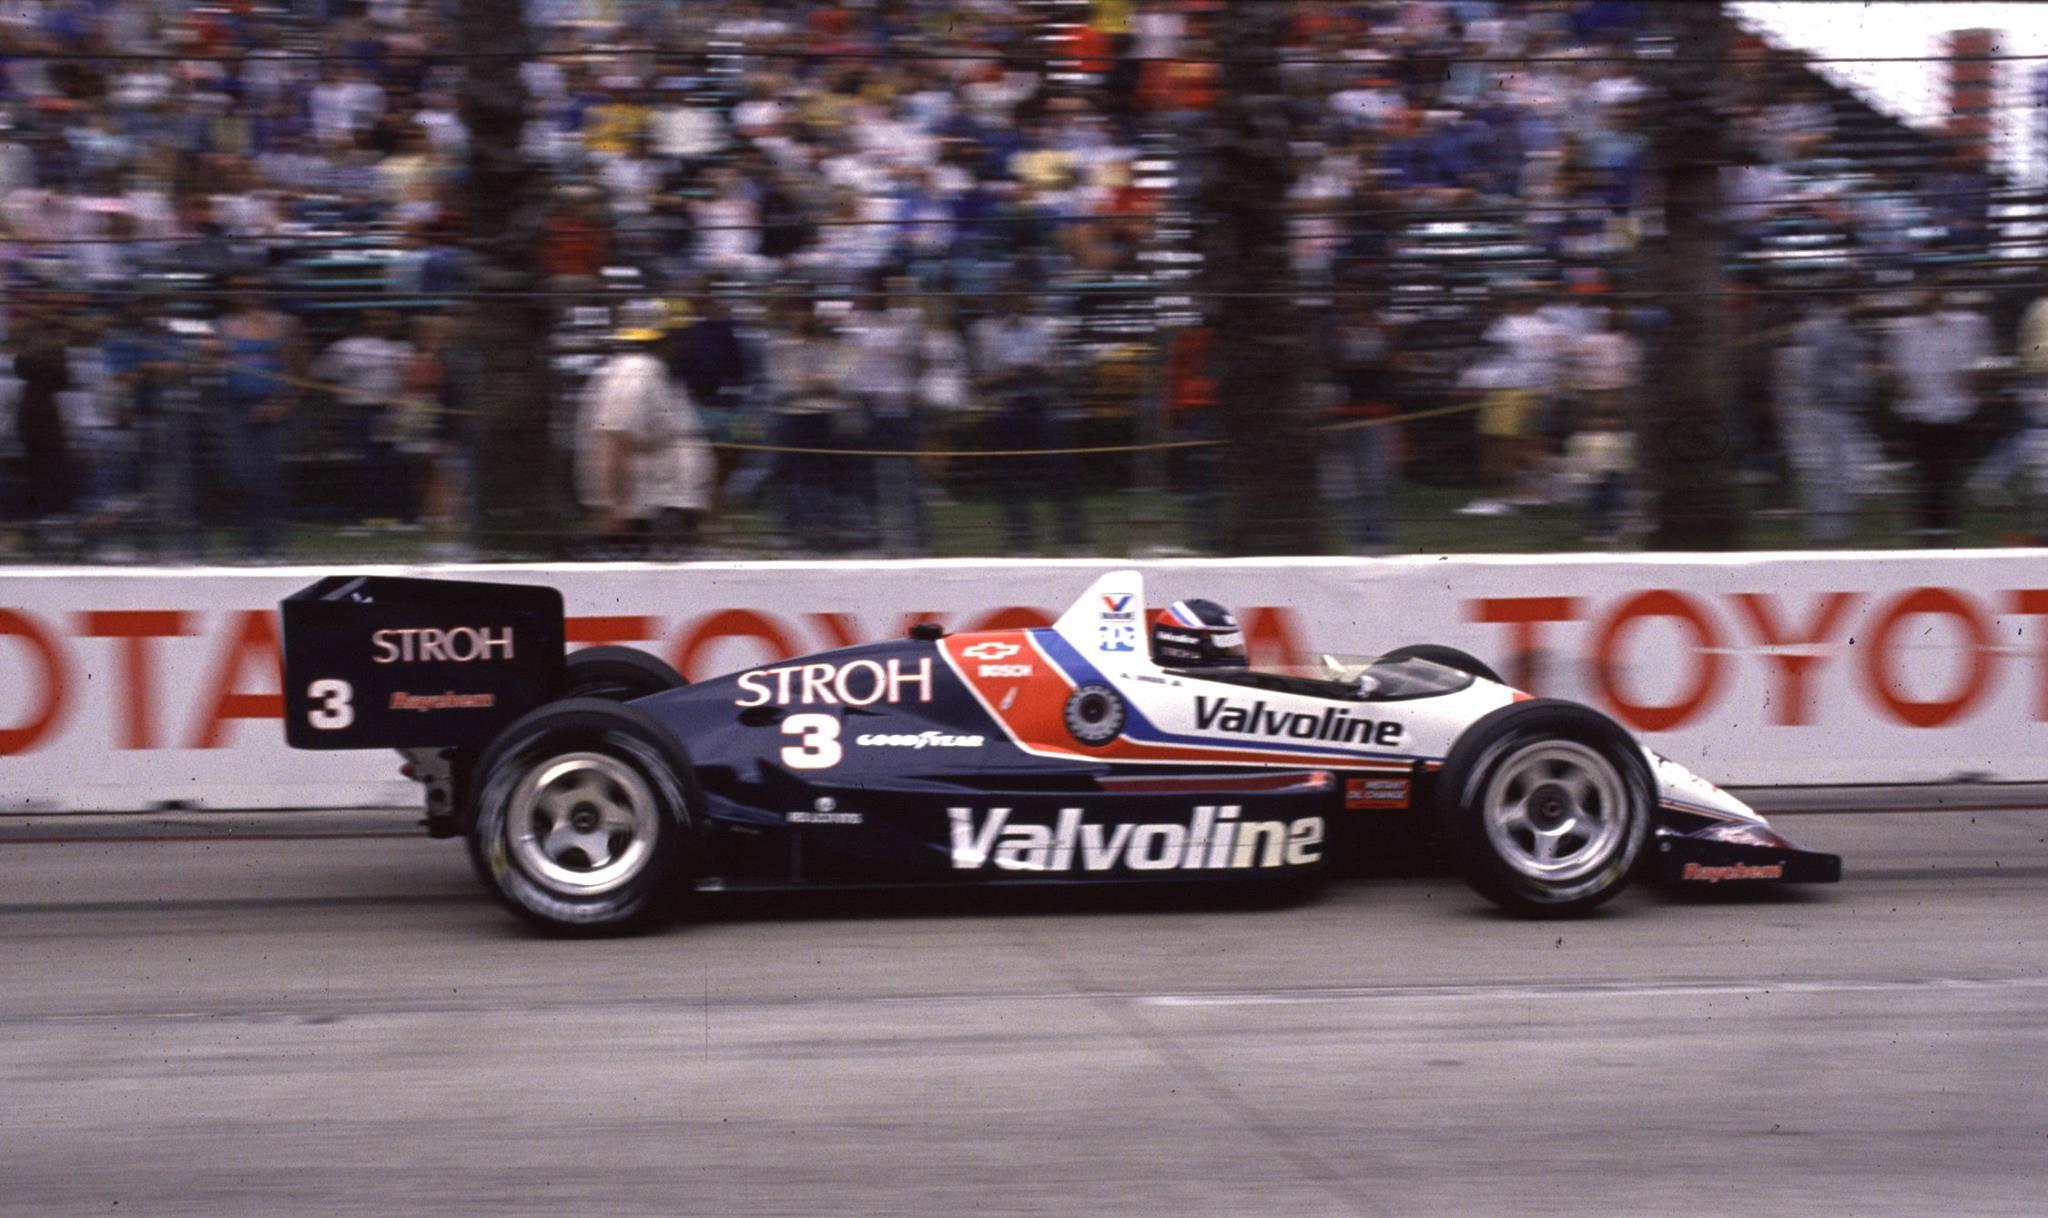 Unser Jr. ganó cuatro veces con Galles Racing y dos con Team Penske.